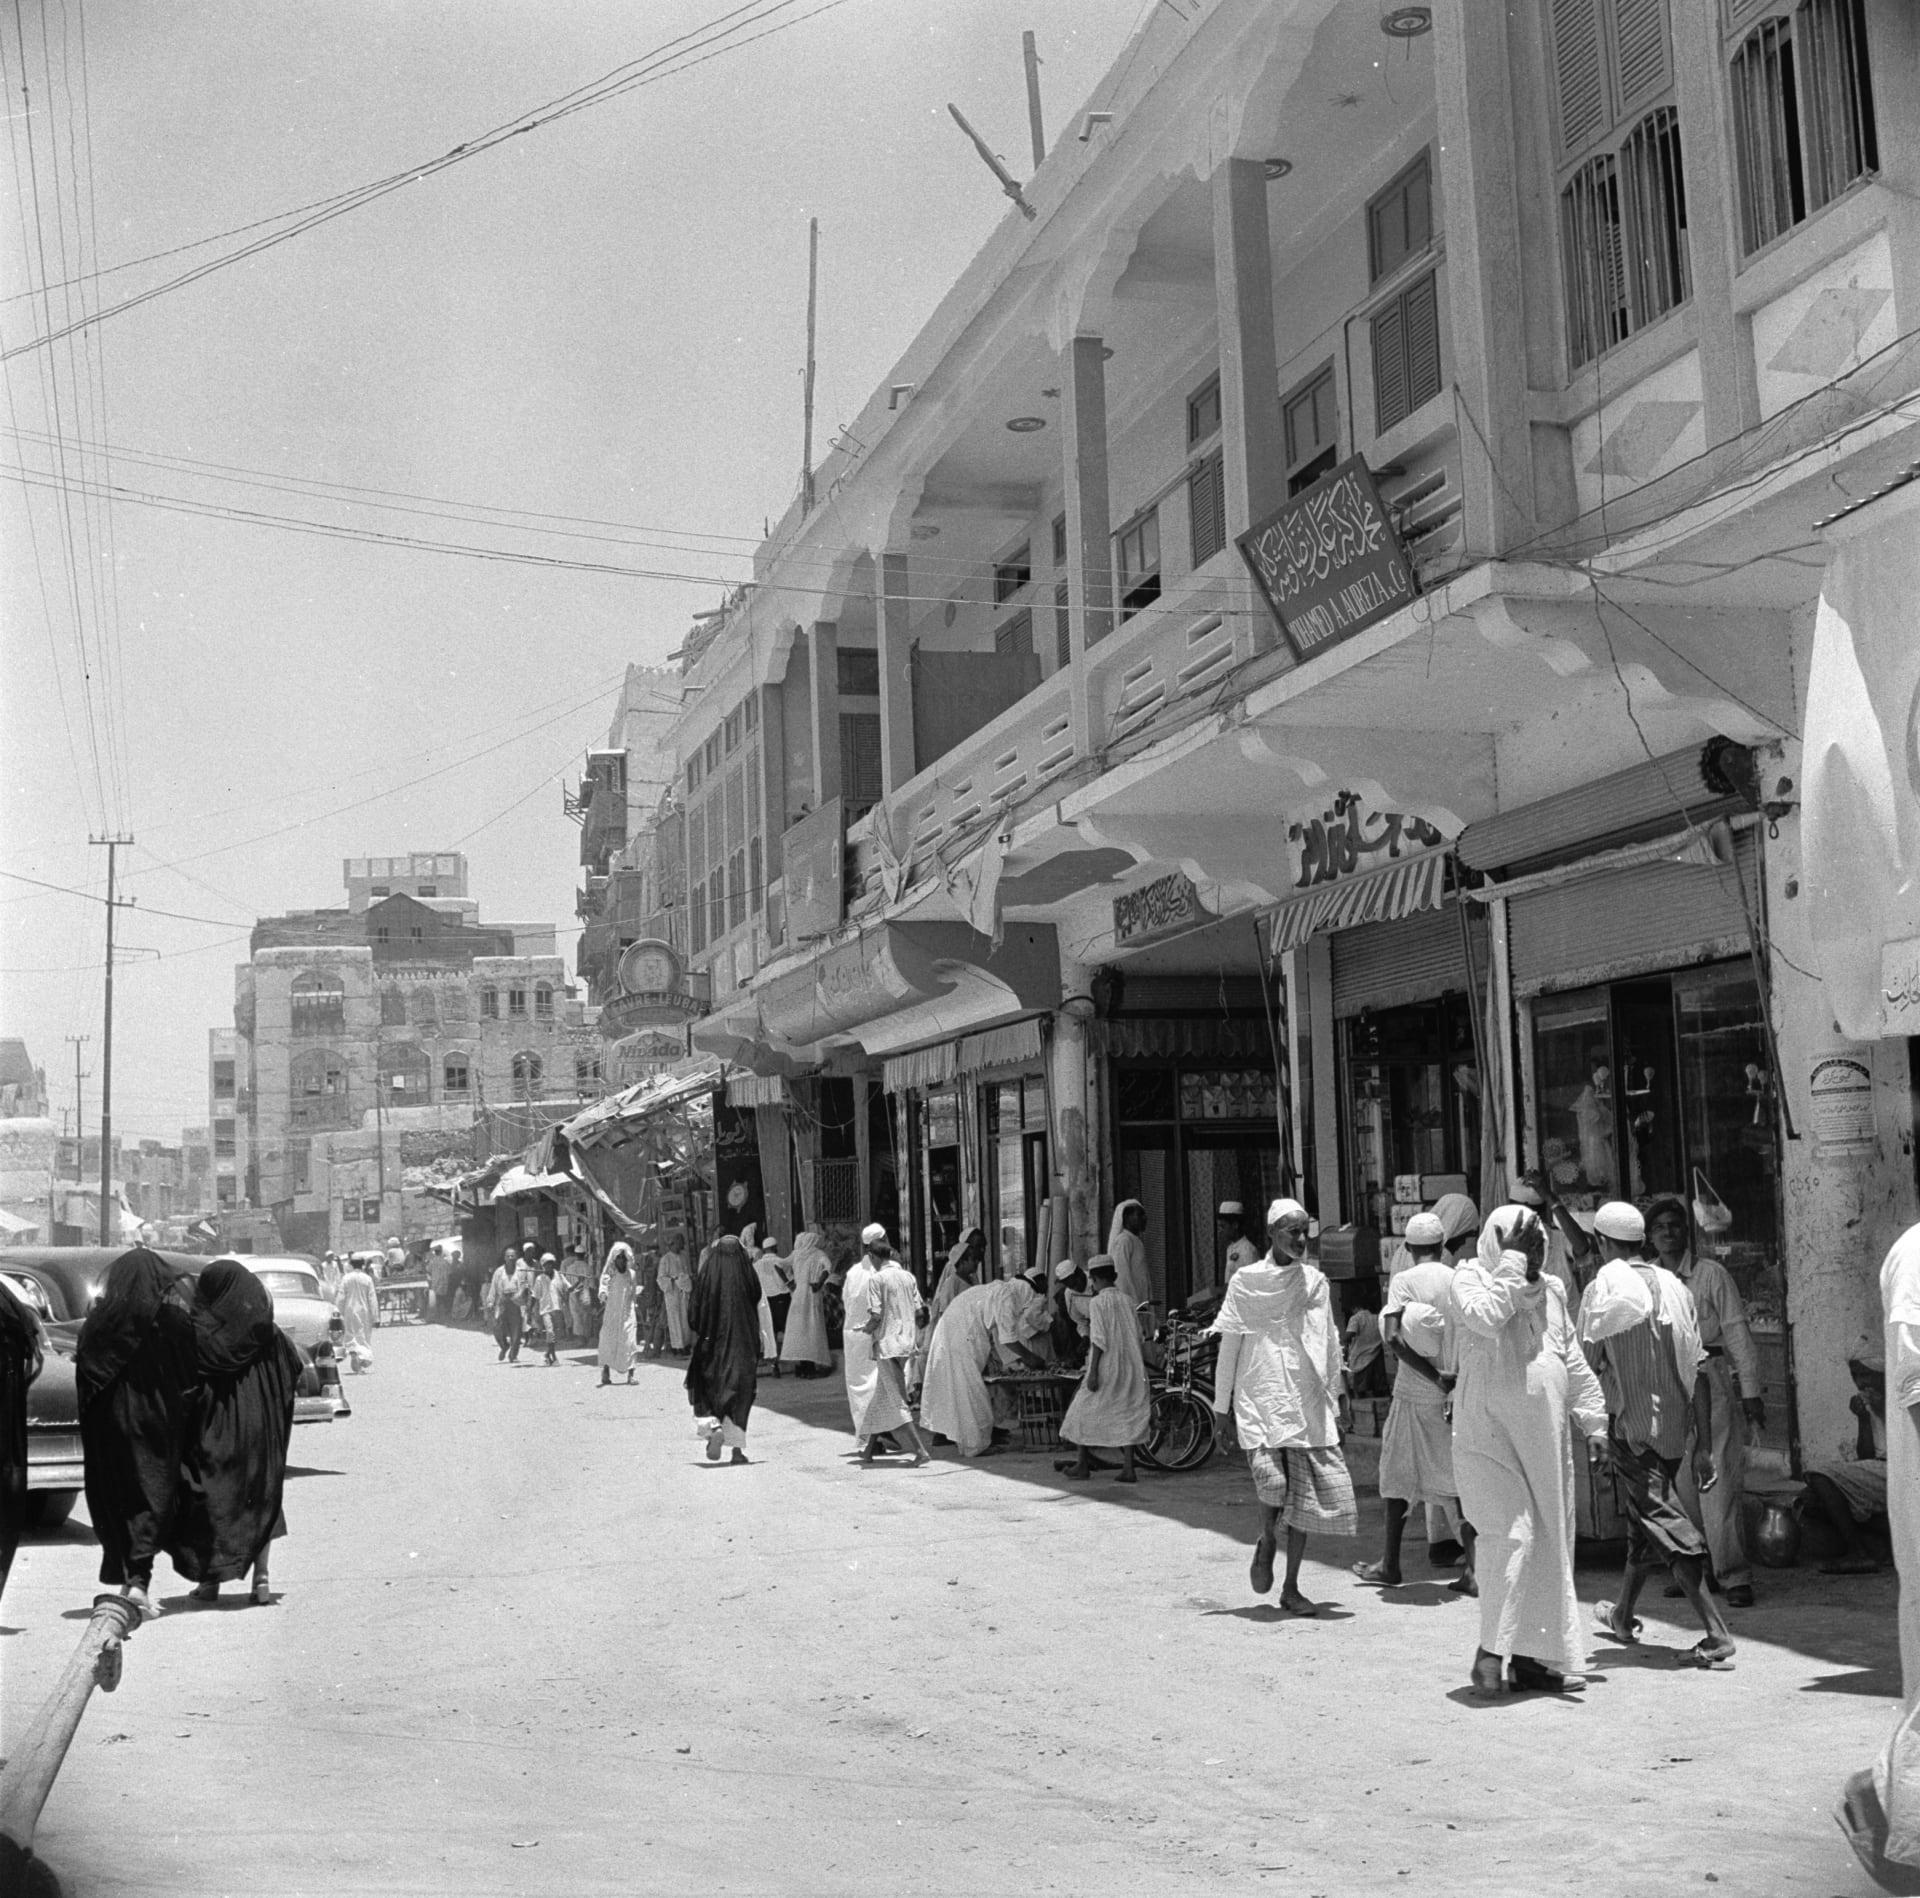 صورة أرشيفية لشارع تجاري في جدة، السعودية، حوالي العام 1956.